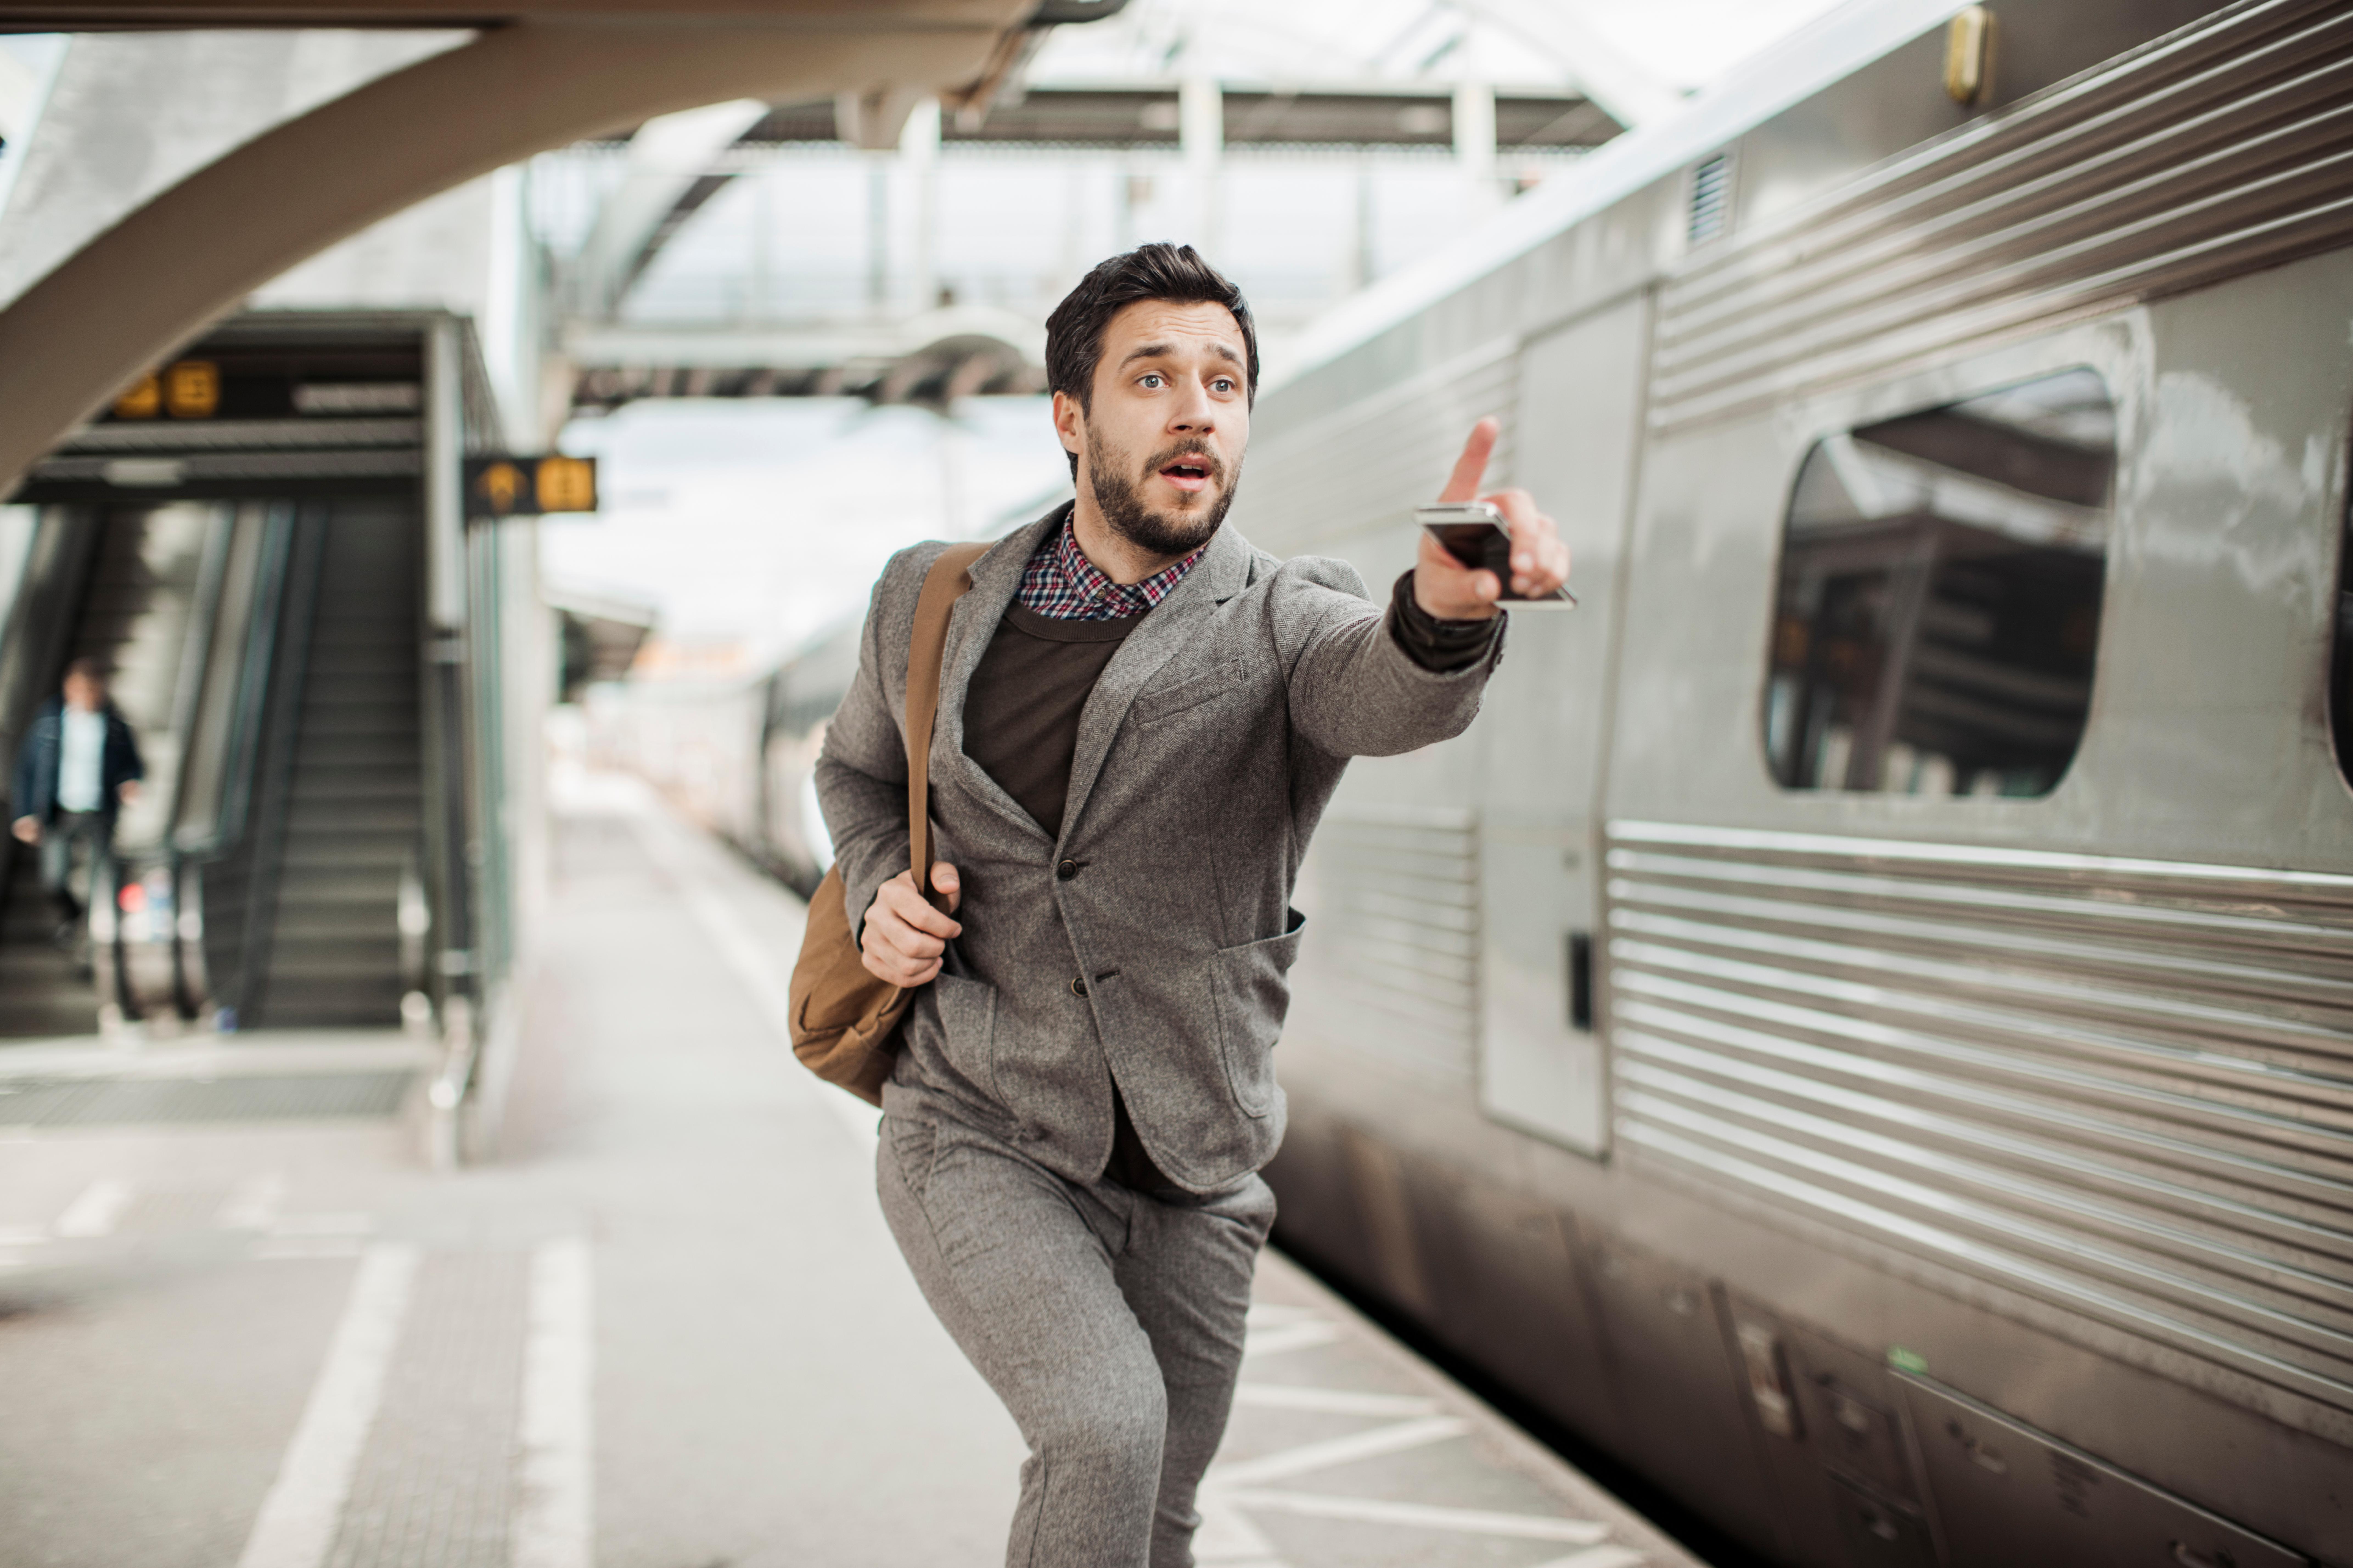 Homem atrasado para pegar o metrô representando a demora para se organizar financeiramente